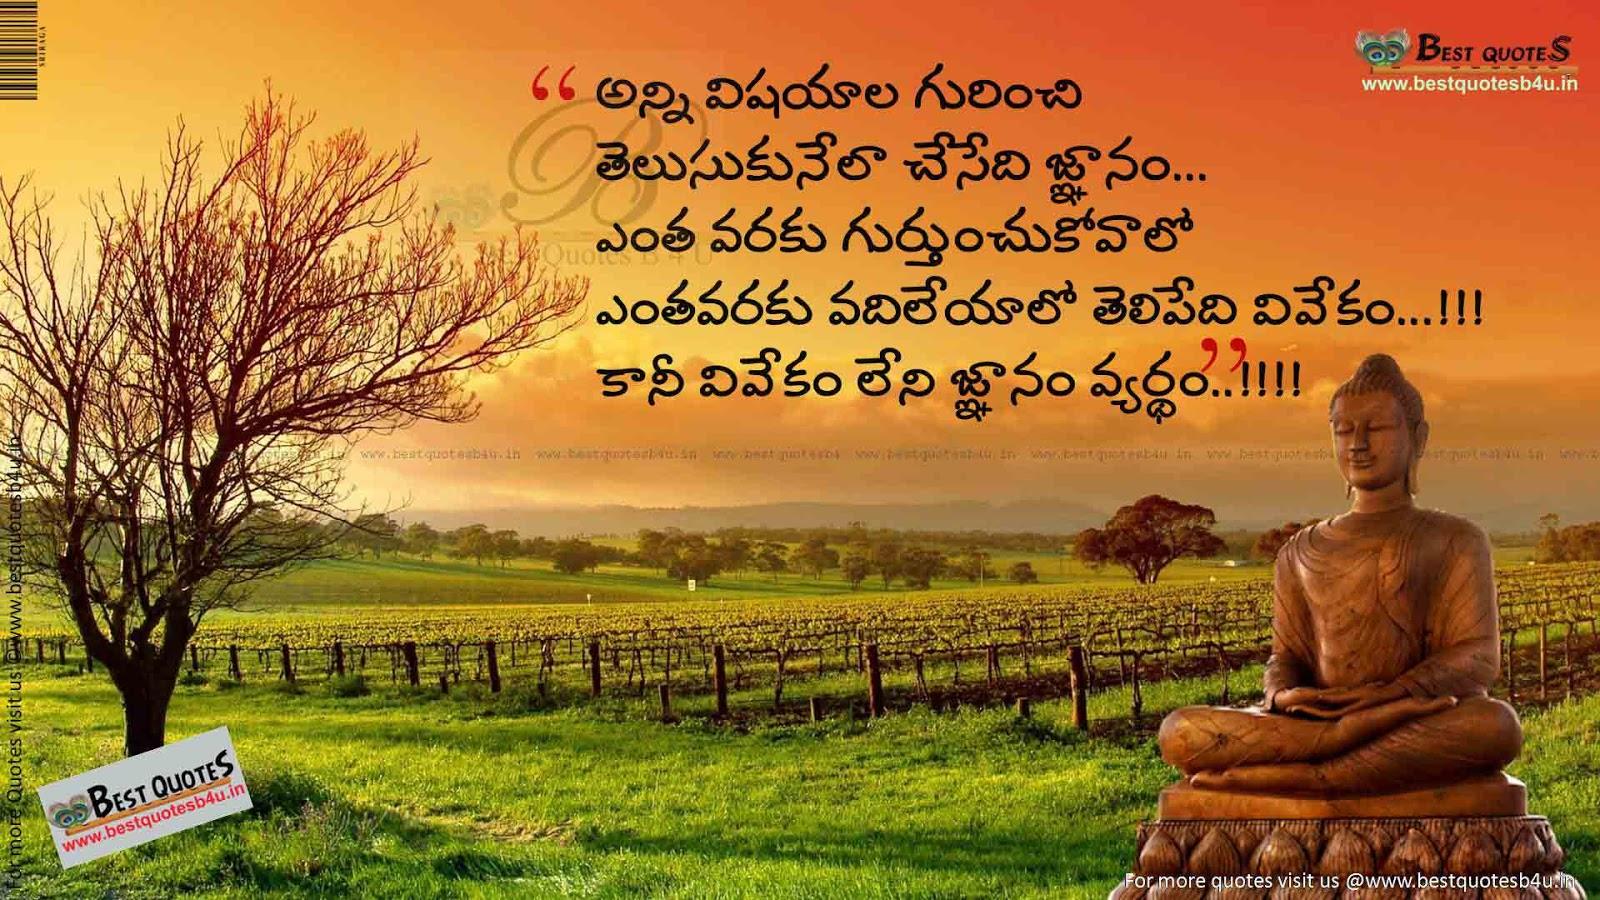 best telugu inspirational quotes 87 bestquotesb4u